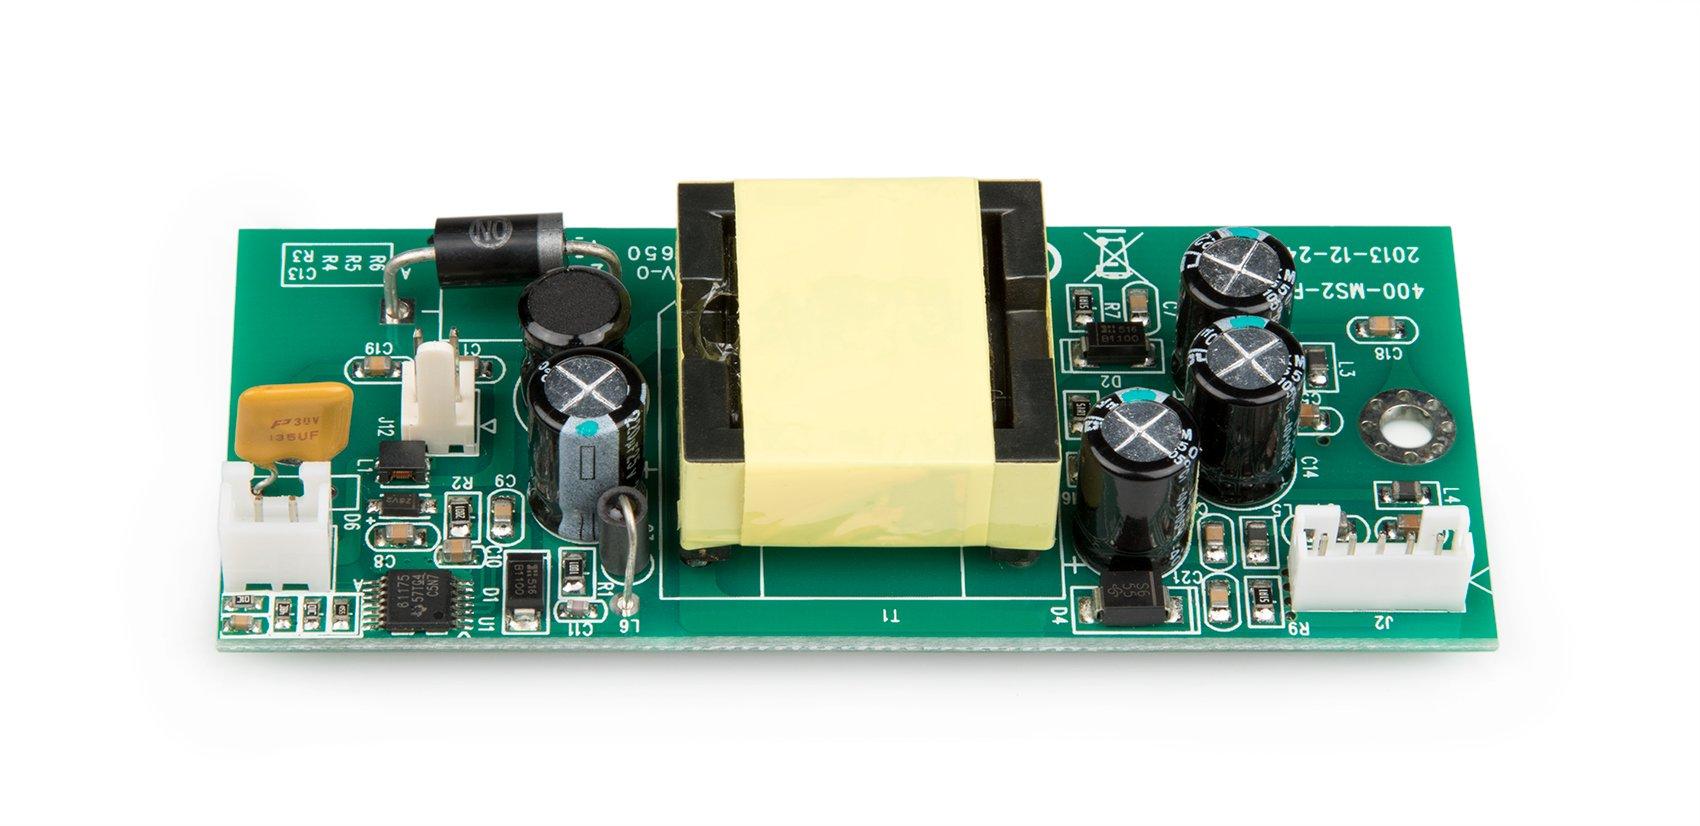 PreSonus 410-MS2-POWER Power Supply PCB for Monitor Station V2   Full on